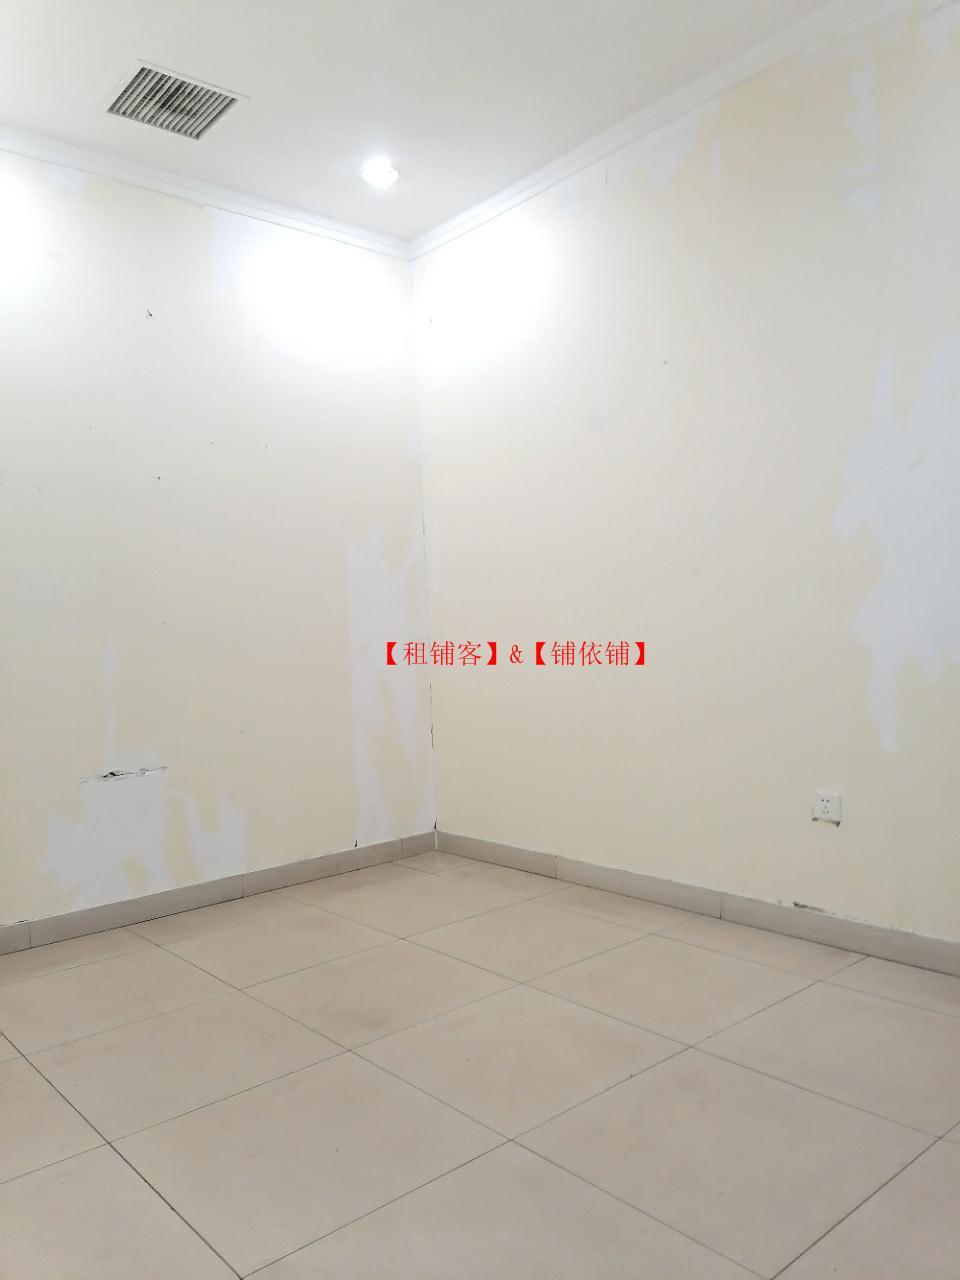 出租昌平天通苑东三区临街旺铺商业街店铺